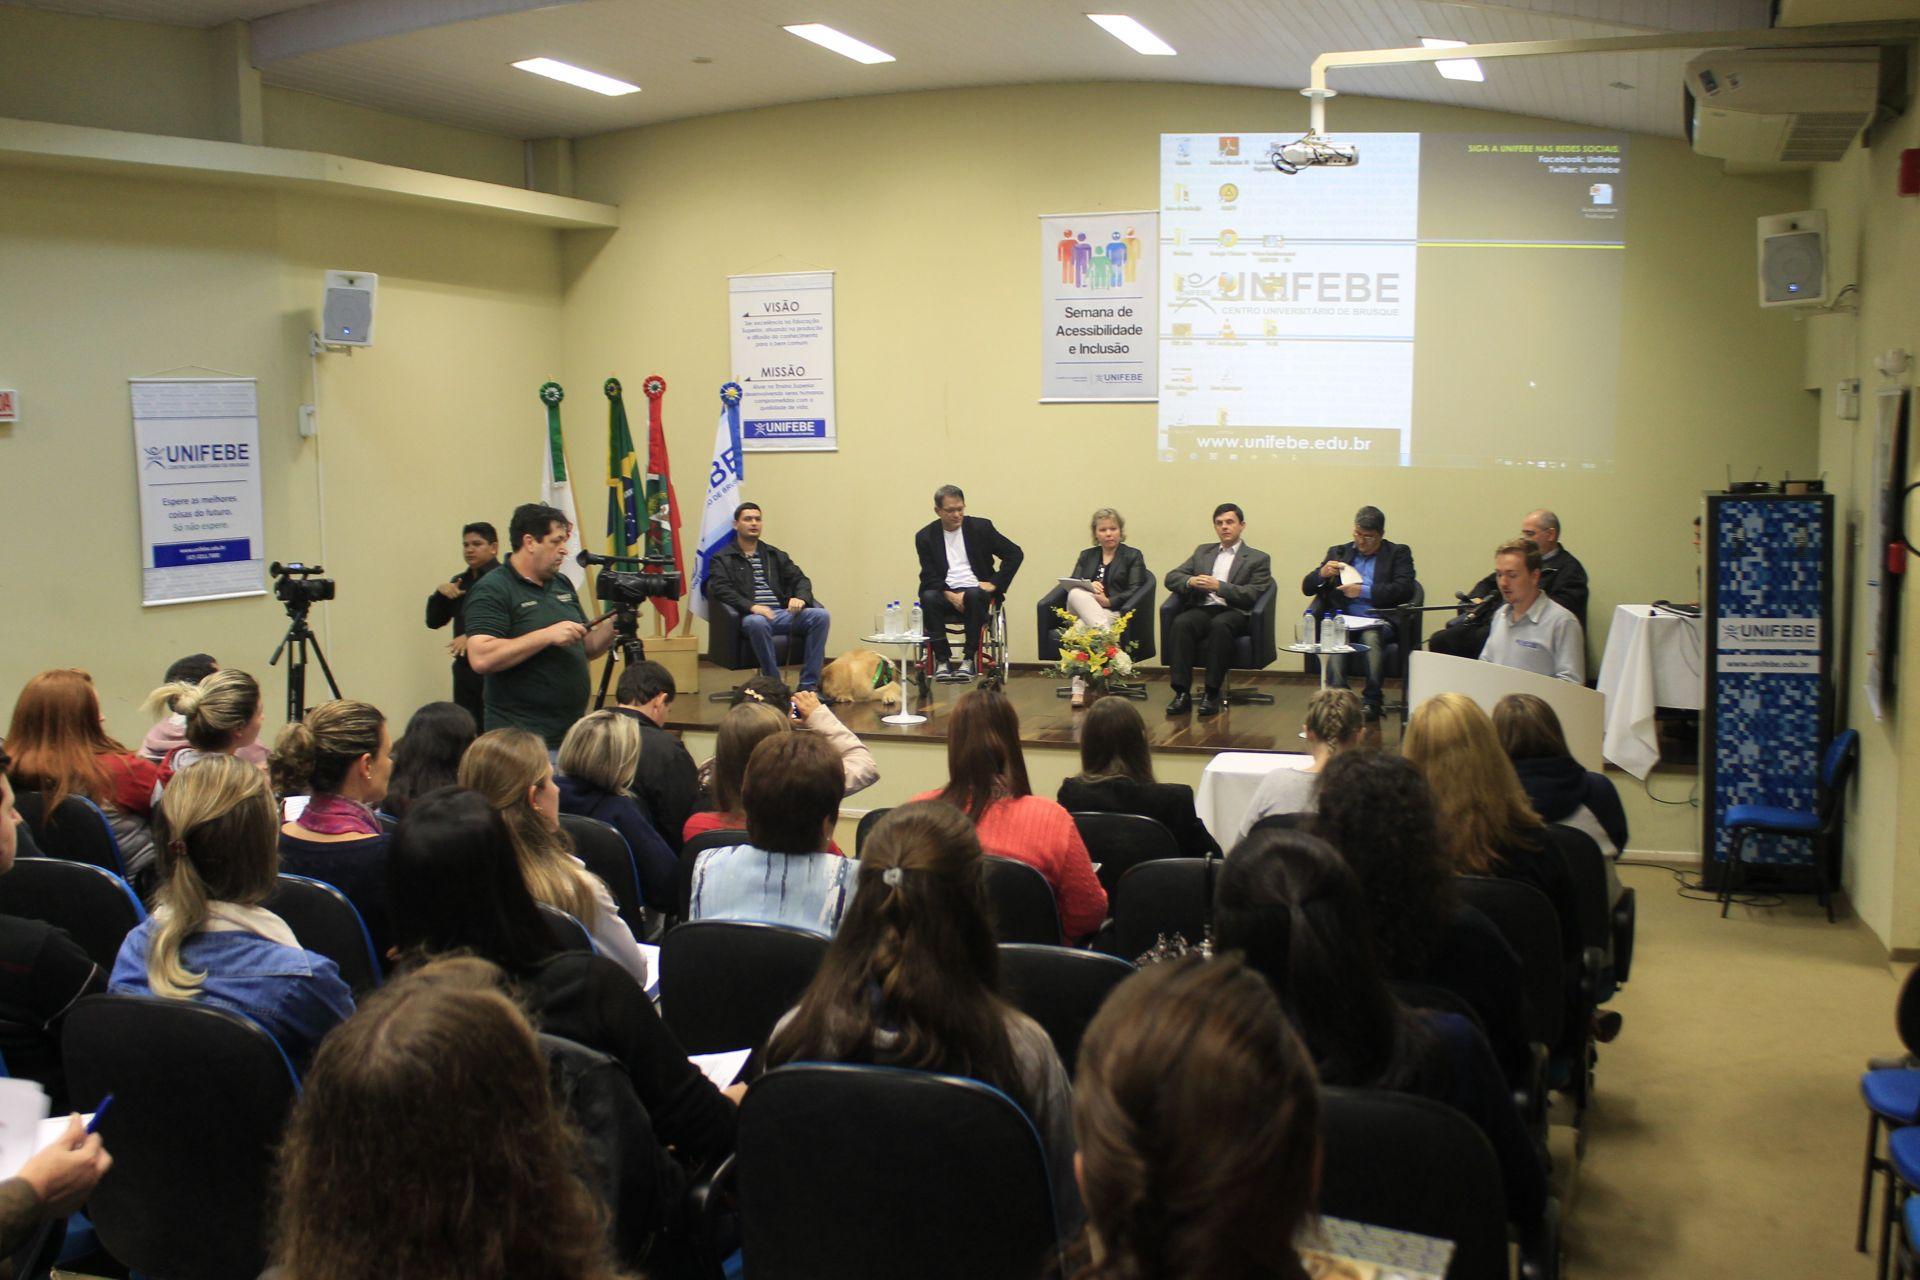 UNIFEBE realiza II Semana de Acessibilidade e Inclusão